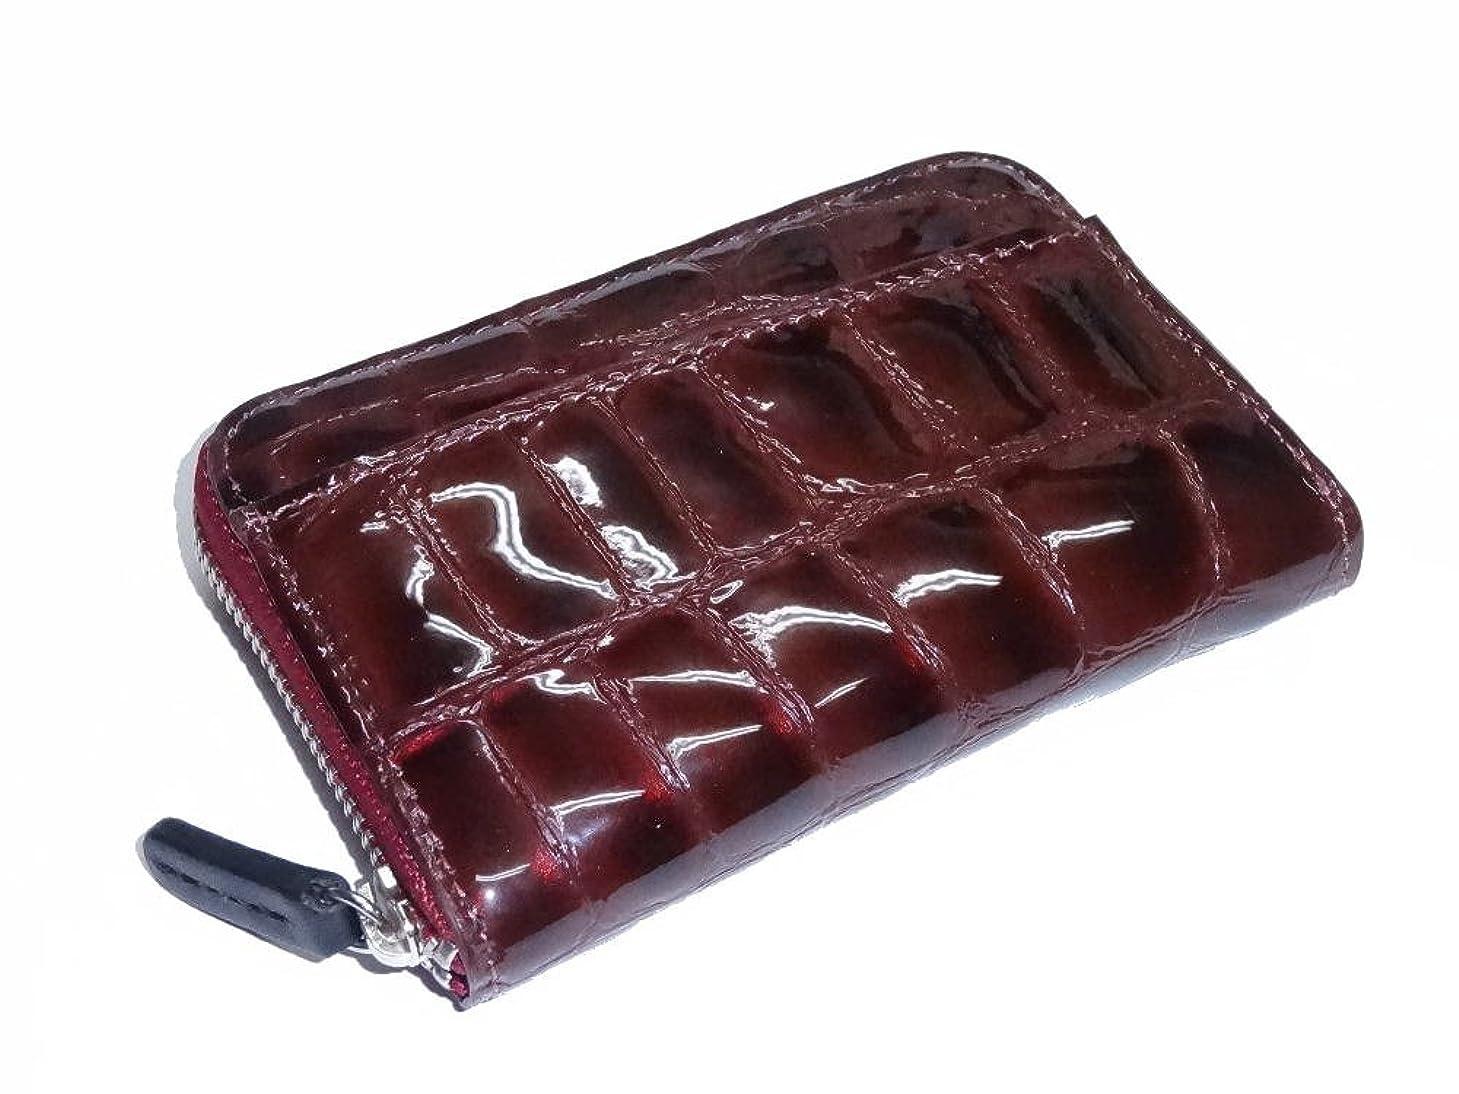 労働道徳教育パイル475 コインケース 牛革エナメル クロコダイル型押  小銭入 ラウンドファスナー